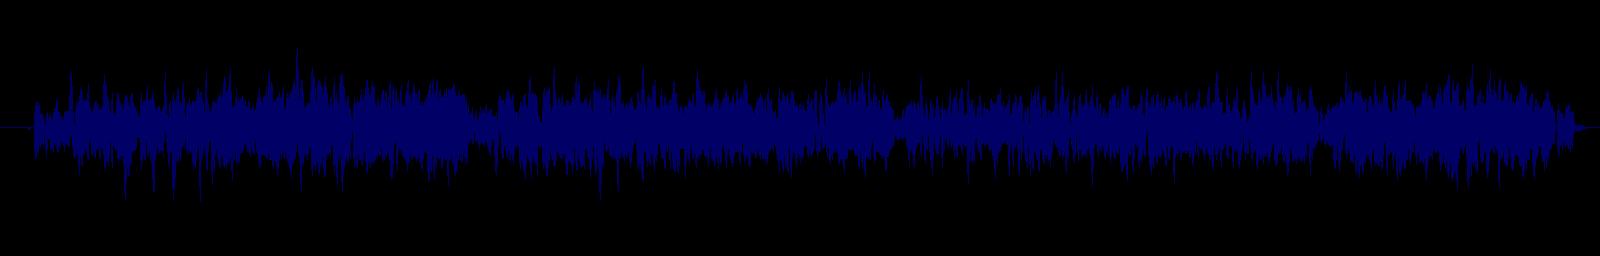 waveform of track #146070